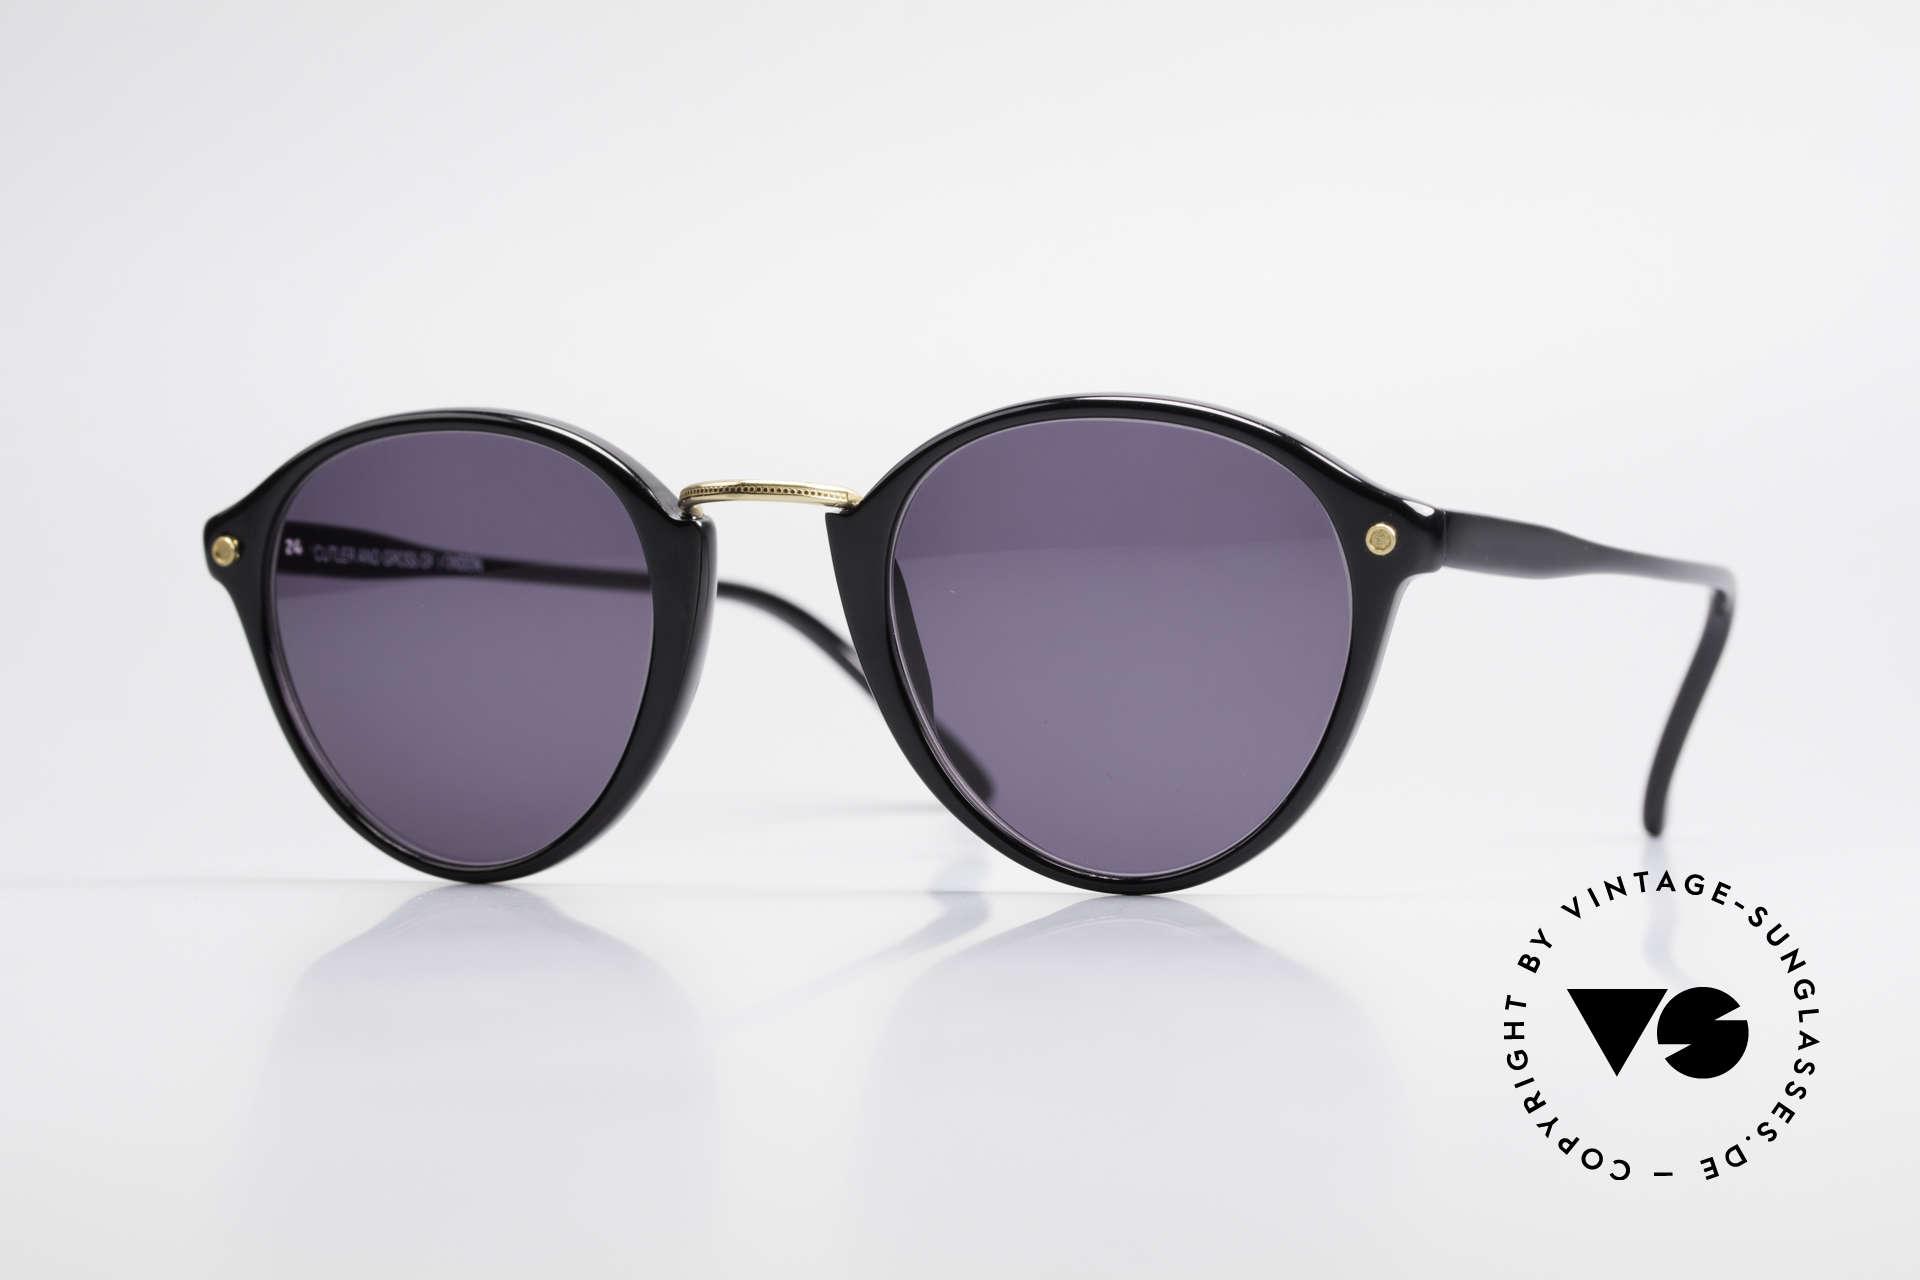 Cutler And Gross 0249 Panto Sonnenbrille Vintage, Cutler & Gross London Designerbrille der späten 90er, Passend für Herren und Damen